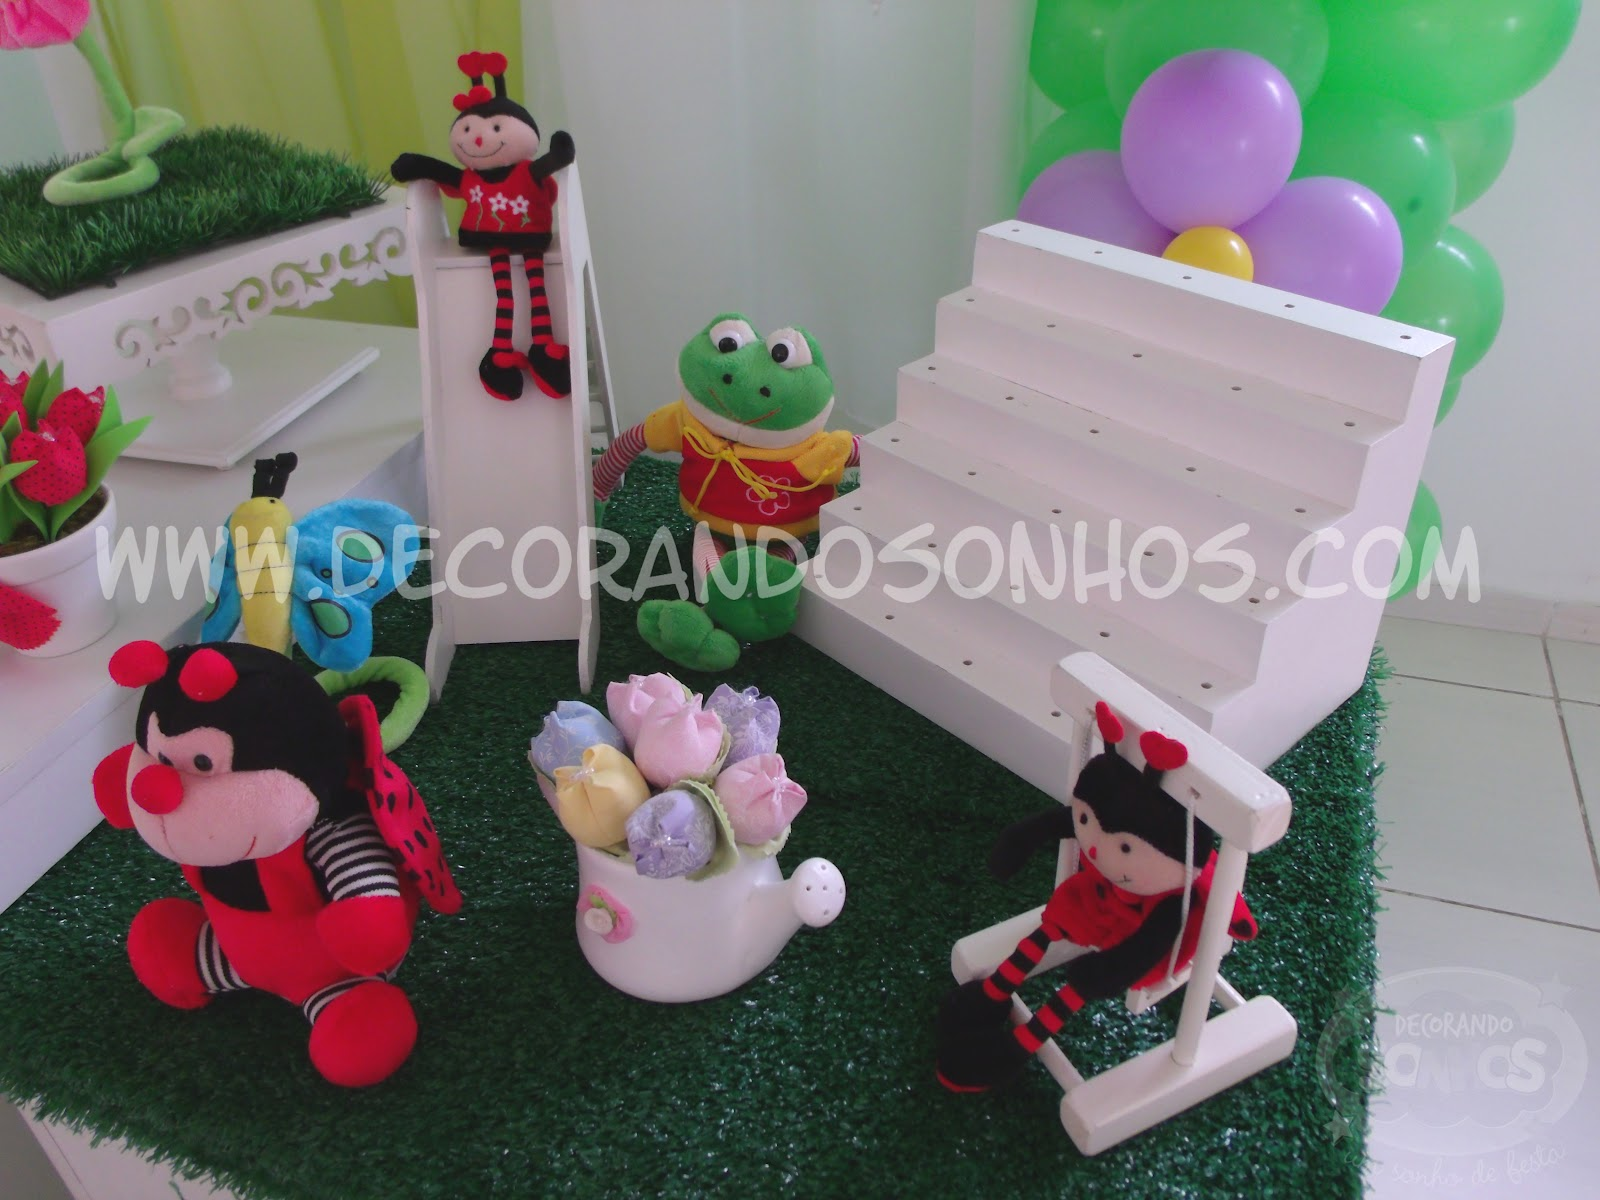 decoracao infantil jardim encantado provencal : decoracao infantil jardim encantado provencal:+festa+infantil+jardim+encantado+decoracao+provencal+jardim+encantado